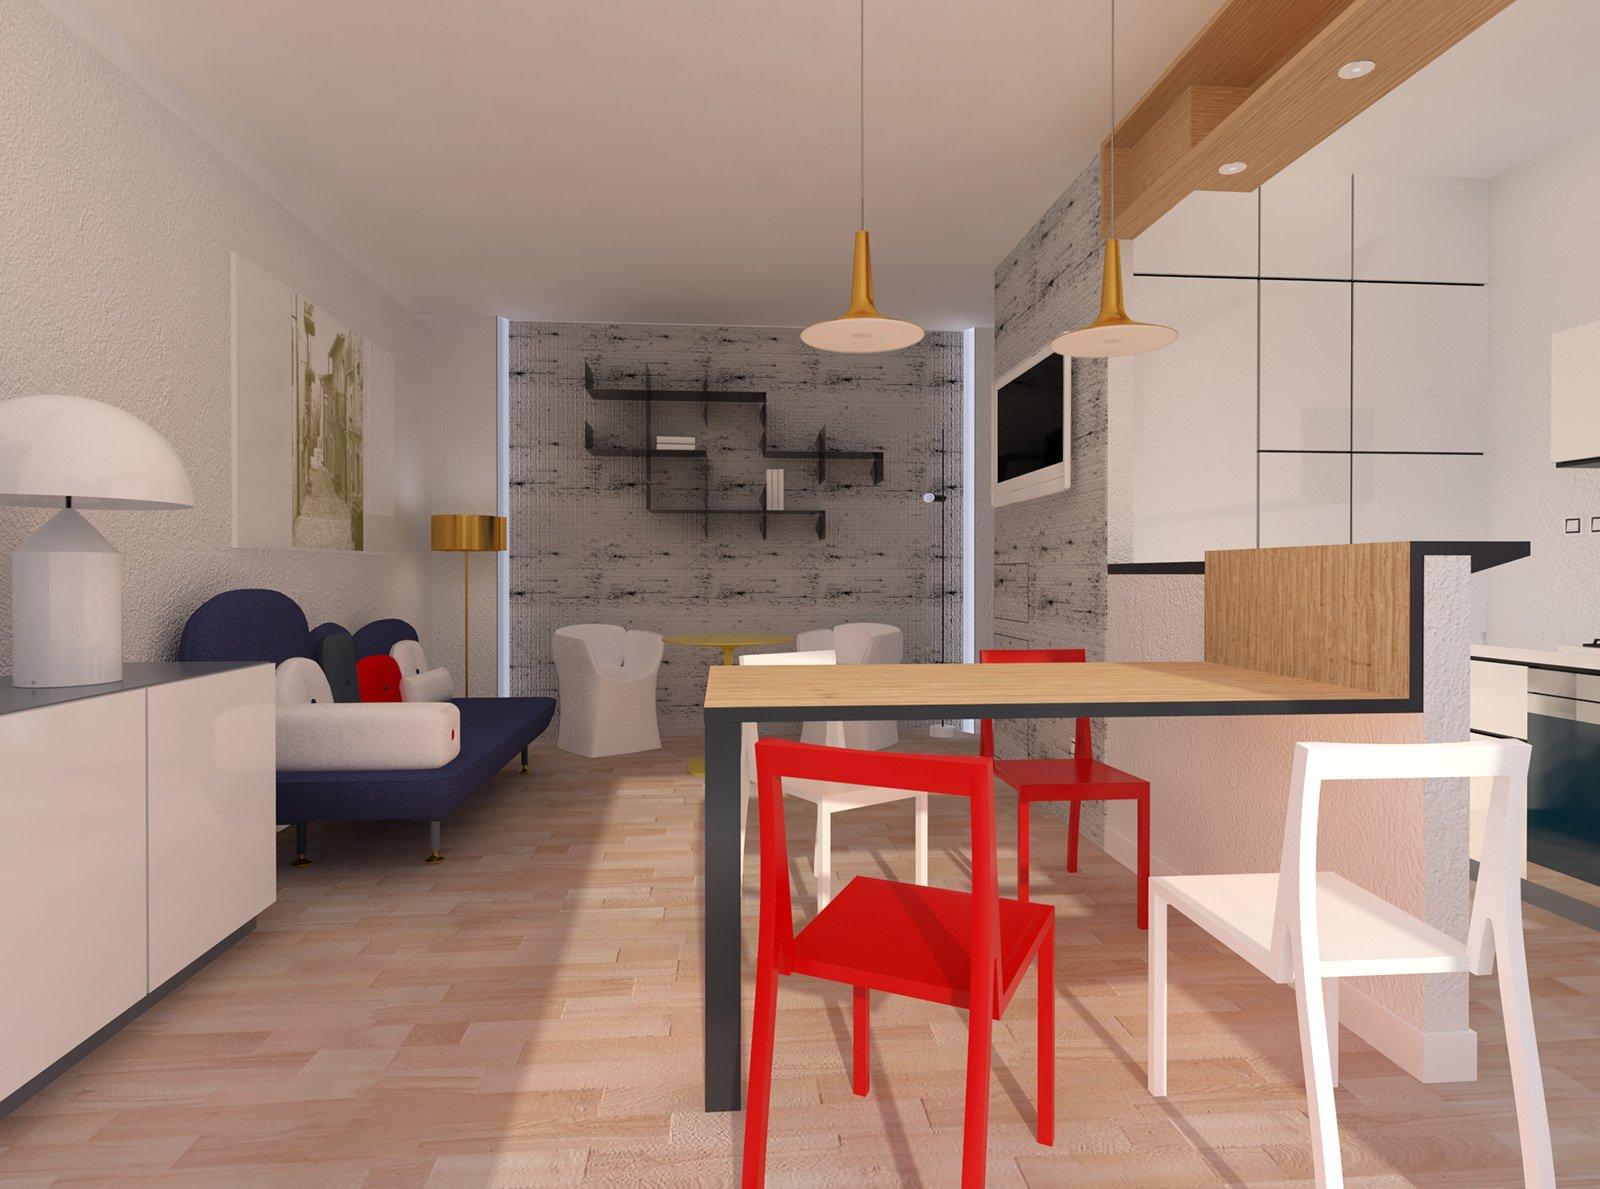 arredare il soggiorno-zona pranzo con cucina a vista - cose di casa - Arredare Soggiorno Con Sala Da Pranzo 2